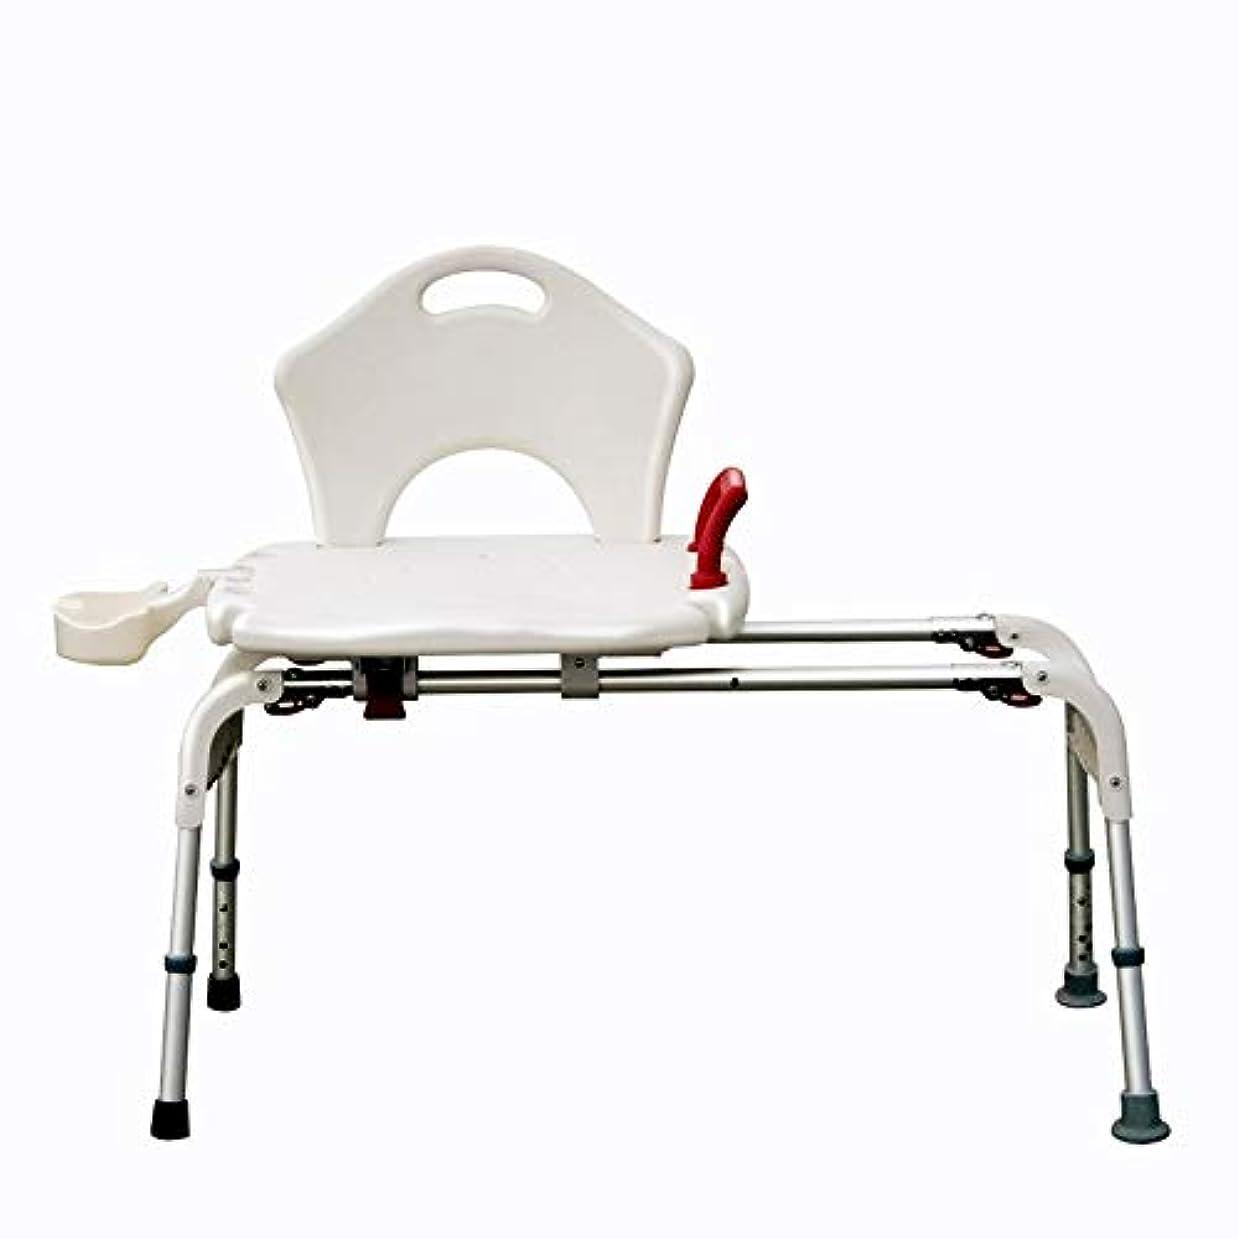 ヤギ予言する火背部およびシャワー?ヘッドのホールダーが付いているデラックスな高さの調節可能なアルミニウムBath/シャワーの椅子